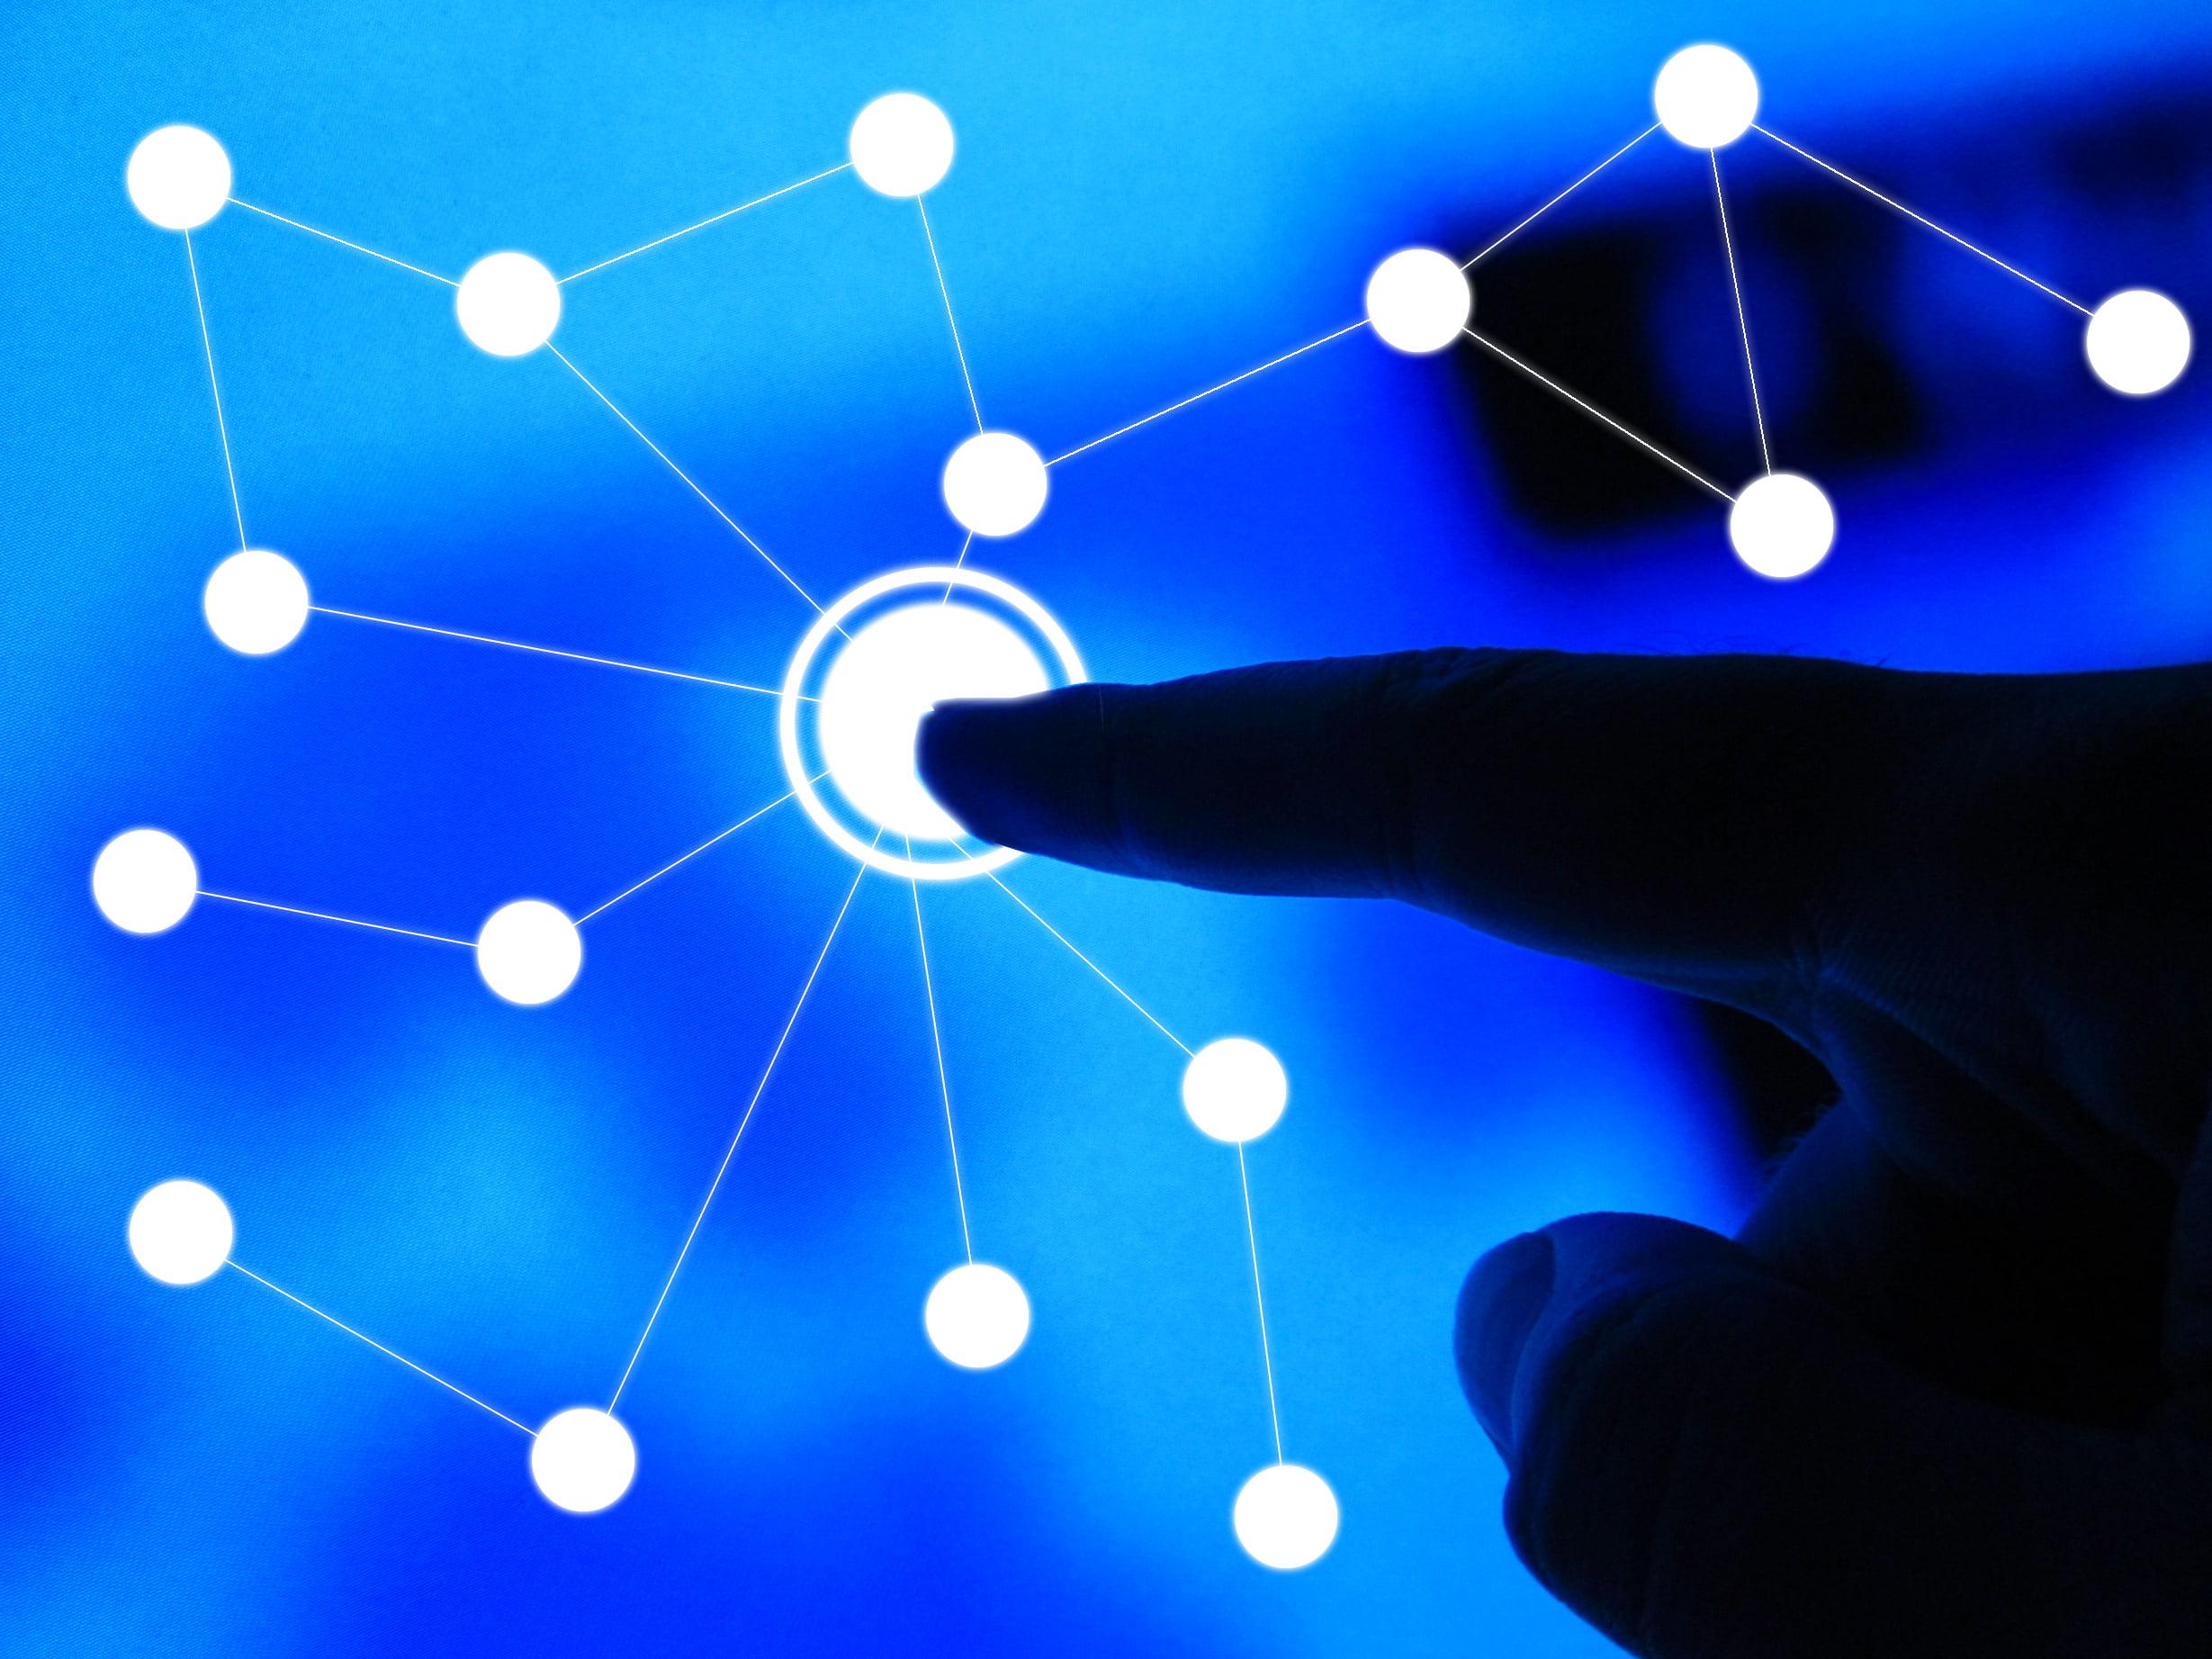 Conexiones dentro de una red representadas por puntos